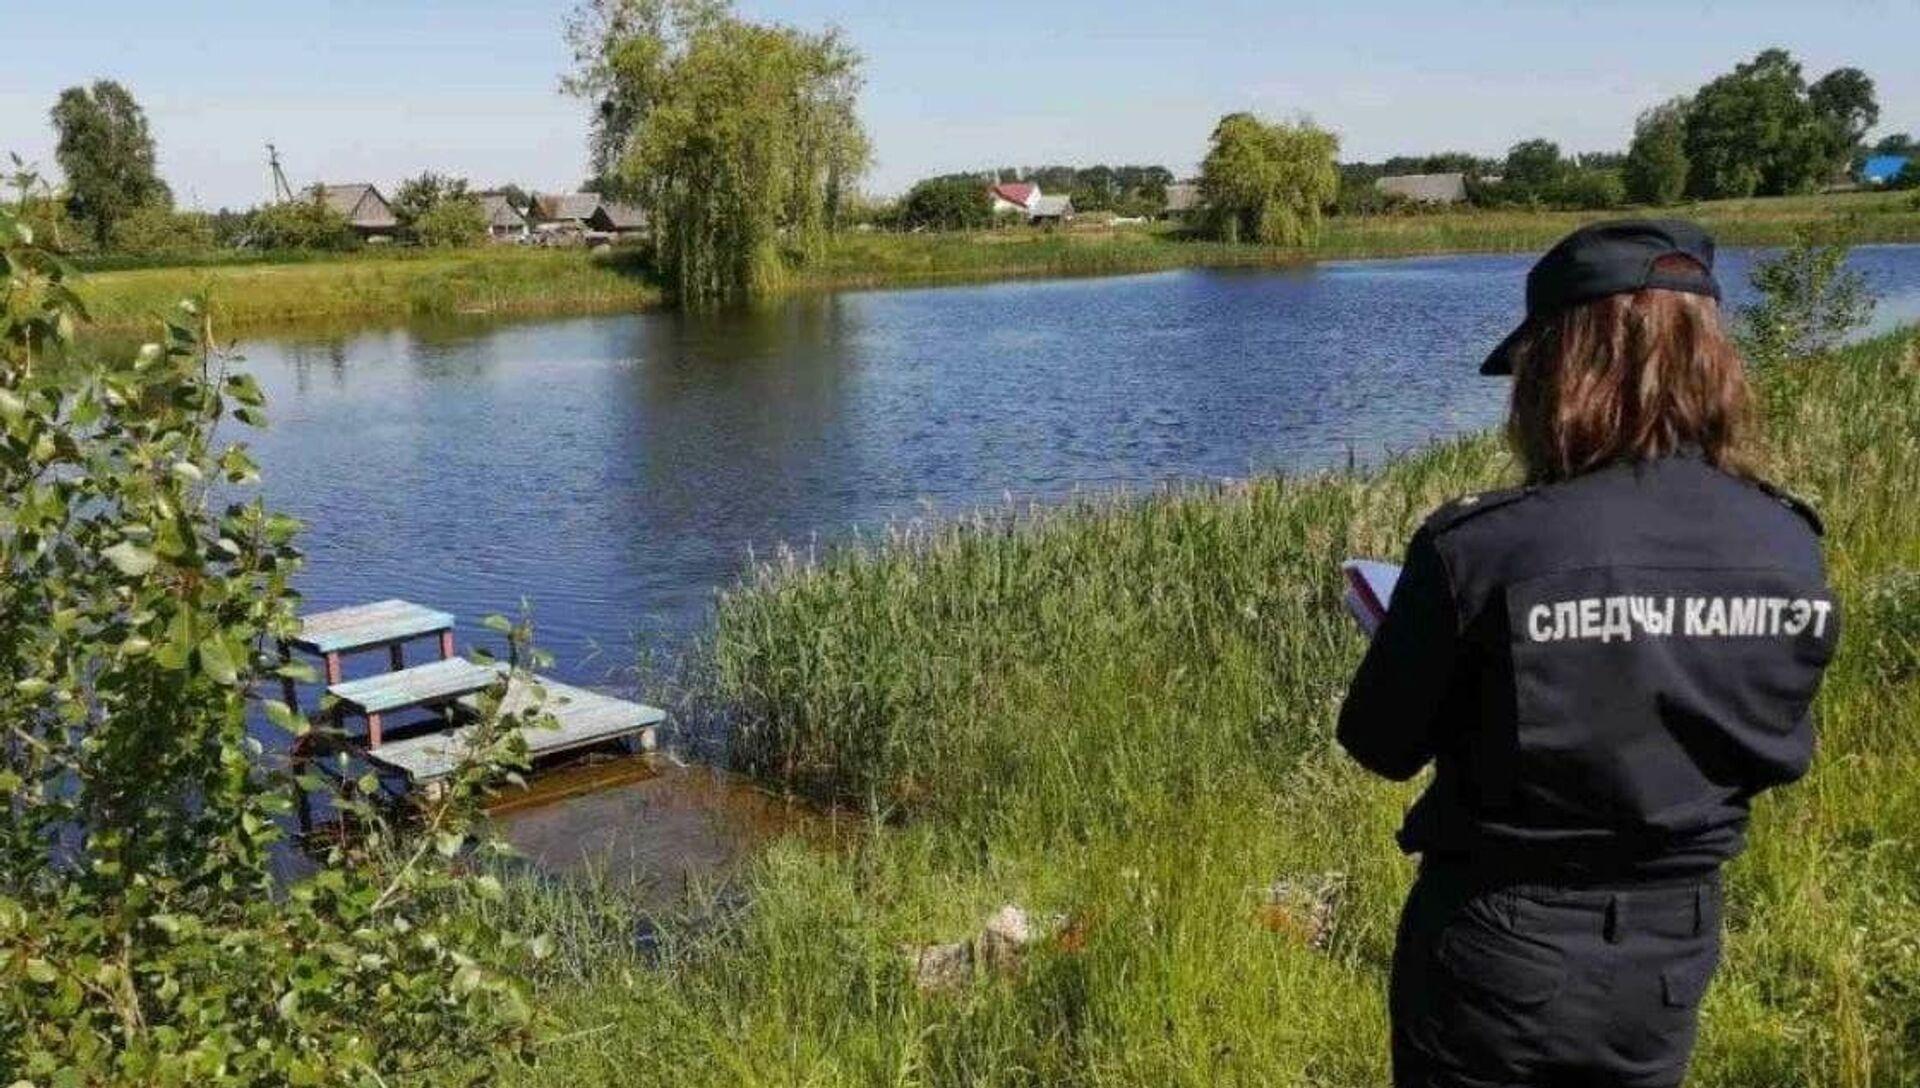 В Малоритском районе утонул ребенок, следователи проводят проверку - Sputnik Беларусь, 1920, 16.06.2021